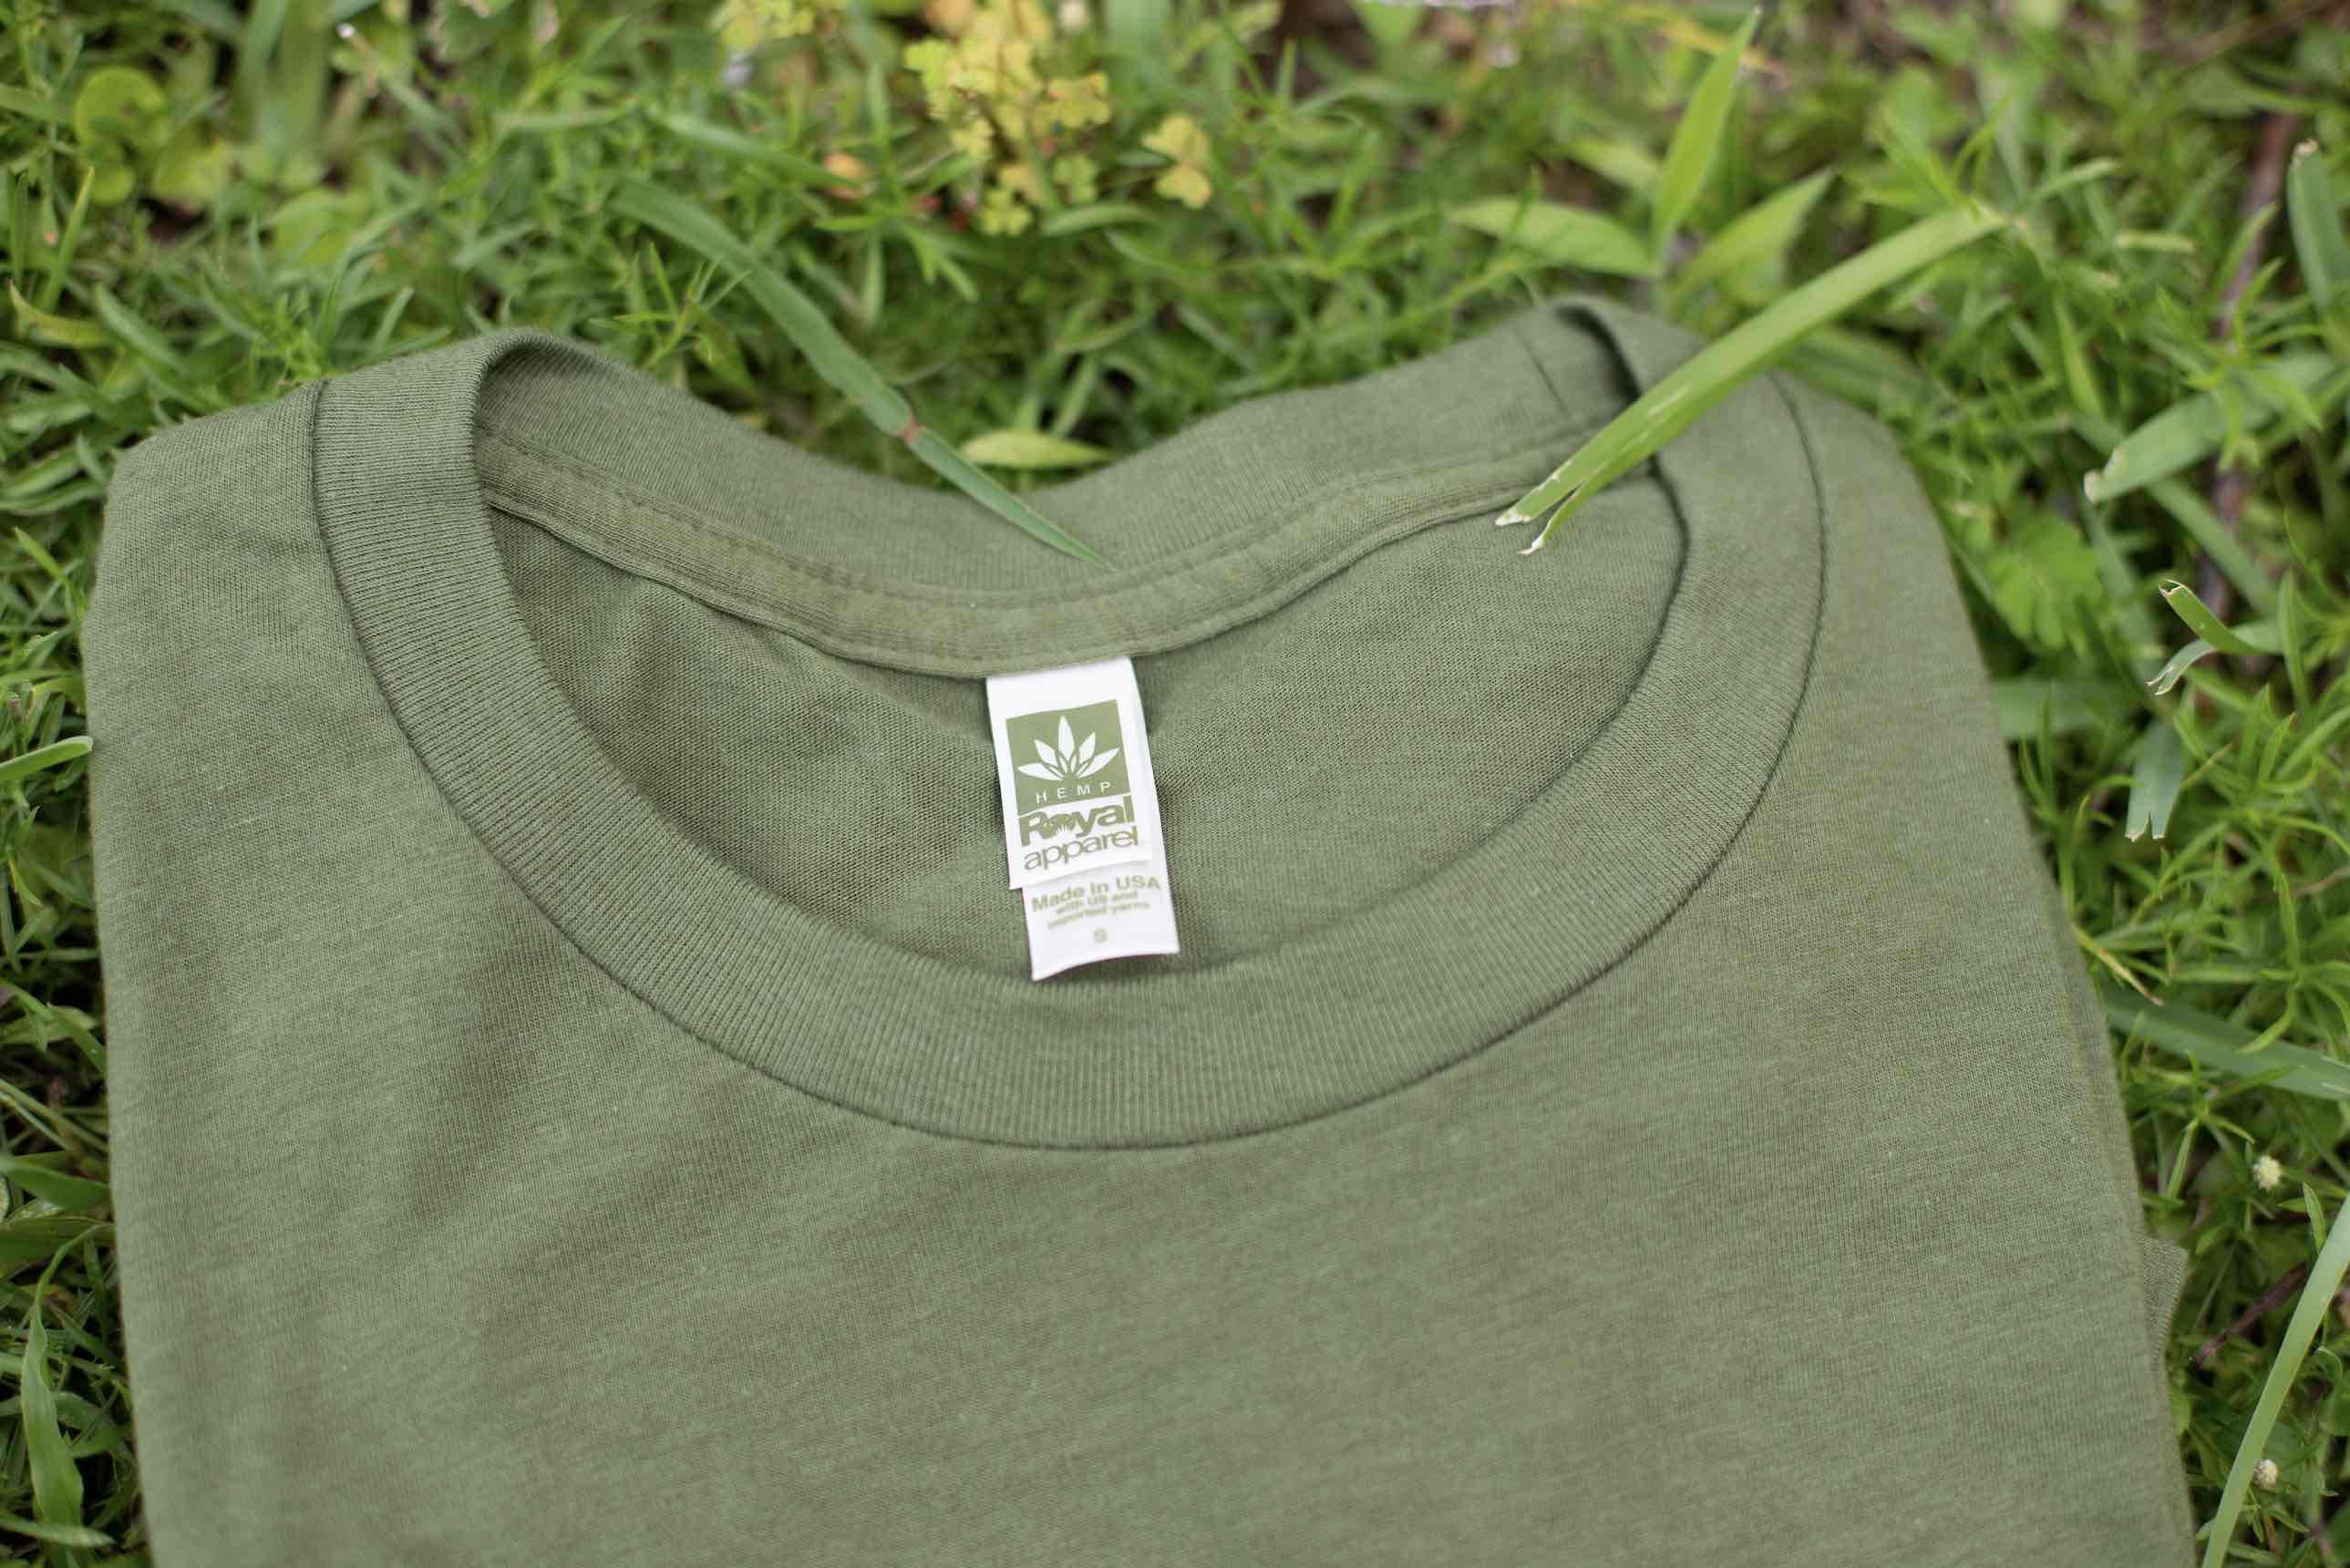 A green shirt made of hemp